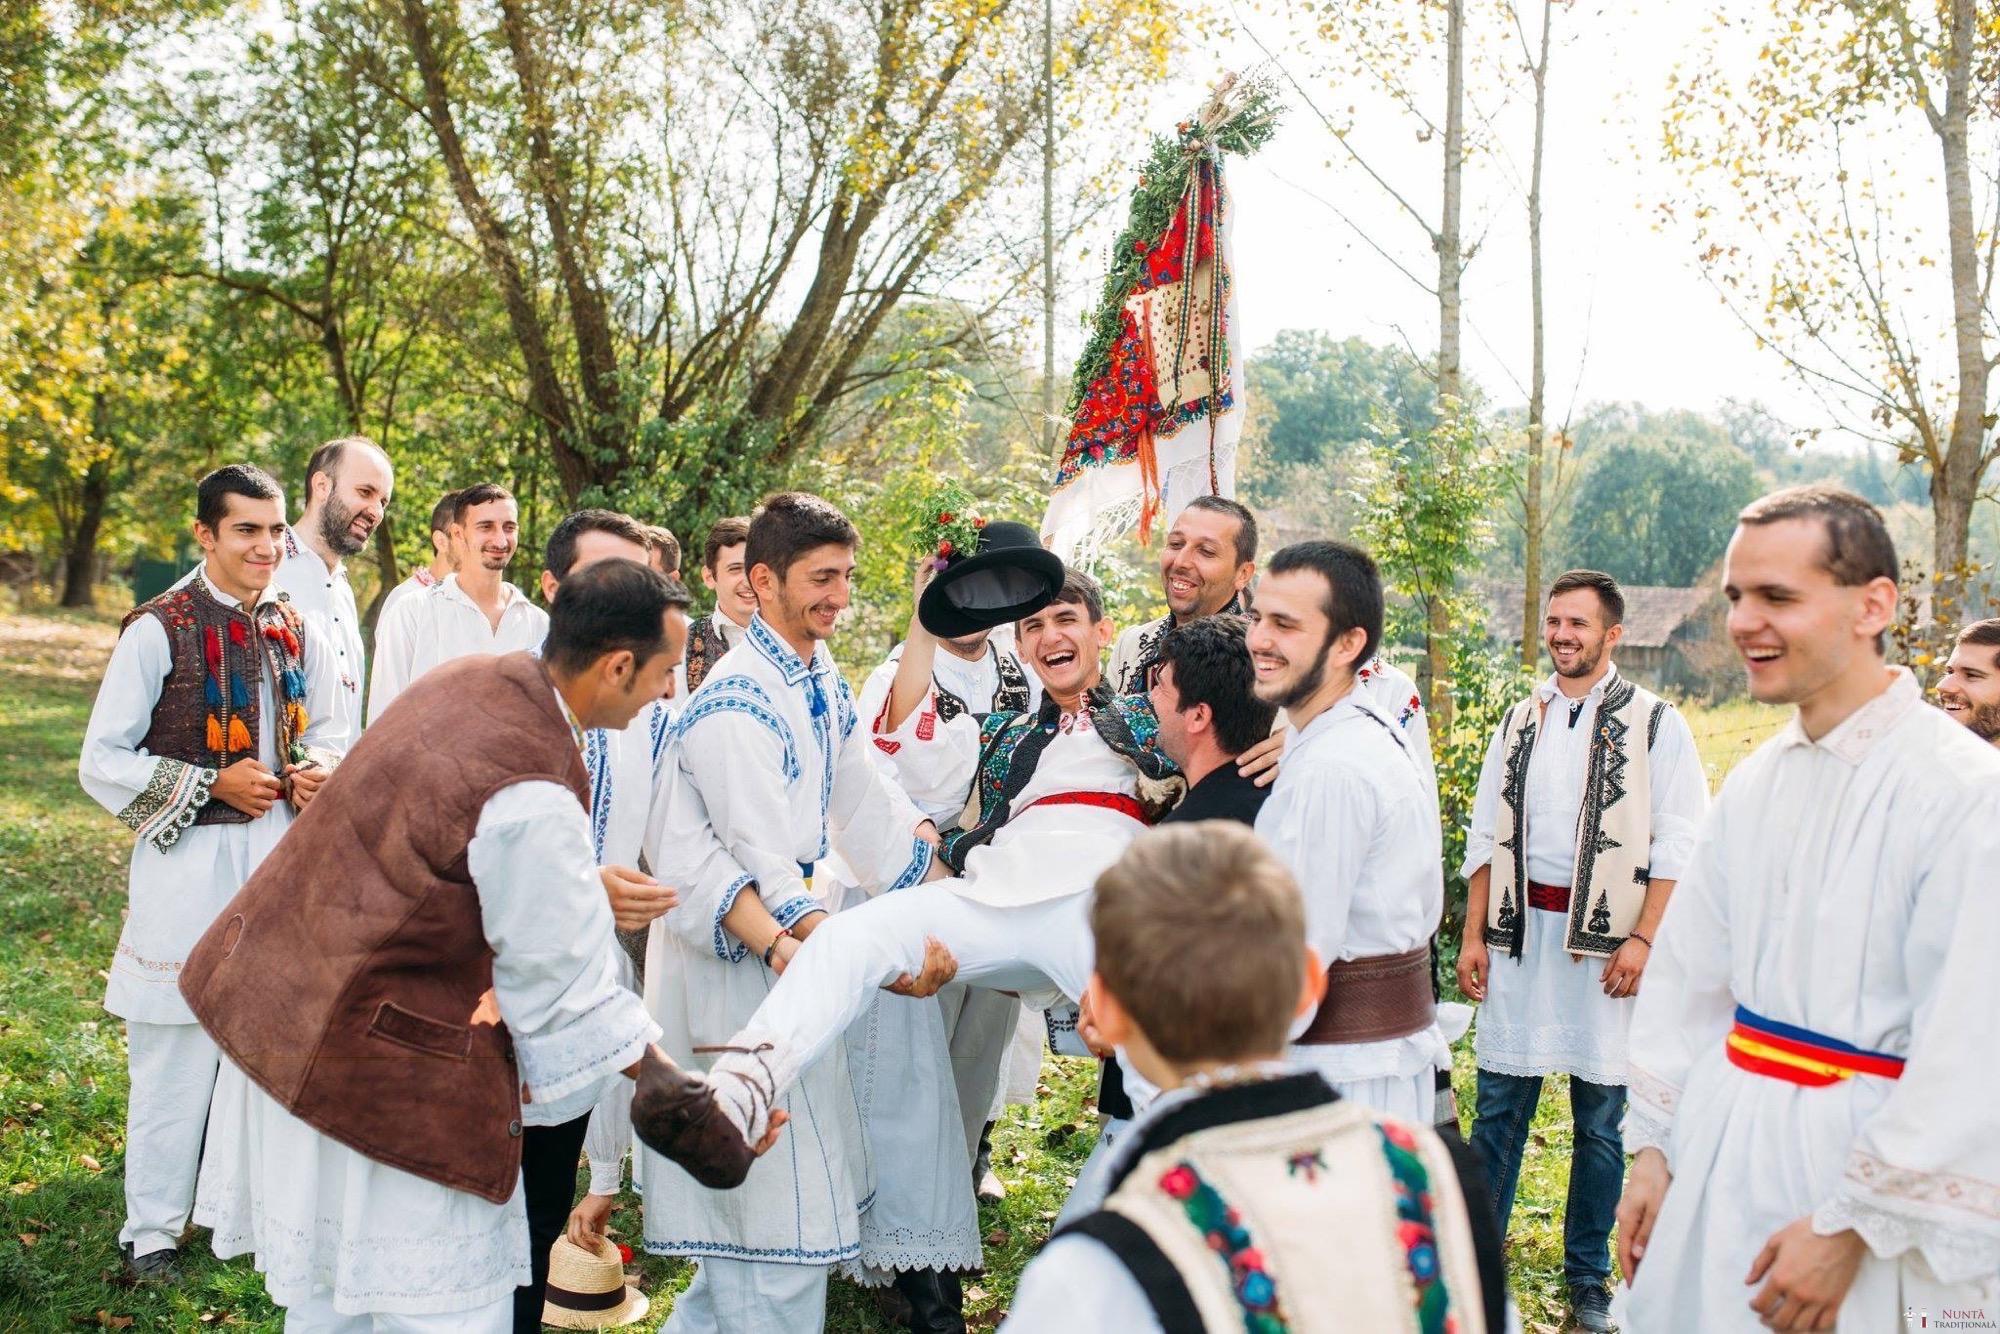 Povești Nunți Tradiționale - Andreea și Sergiu. Nuntă tradițională în Alba-Iulia 21